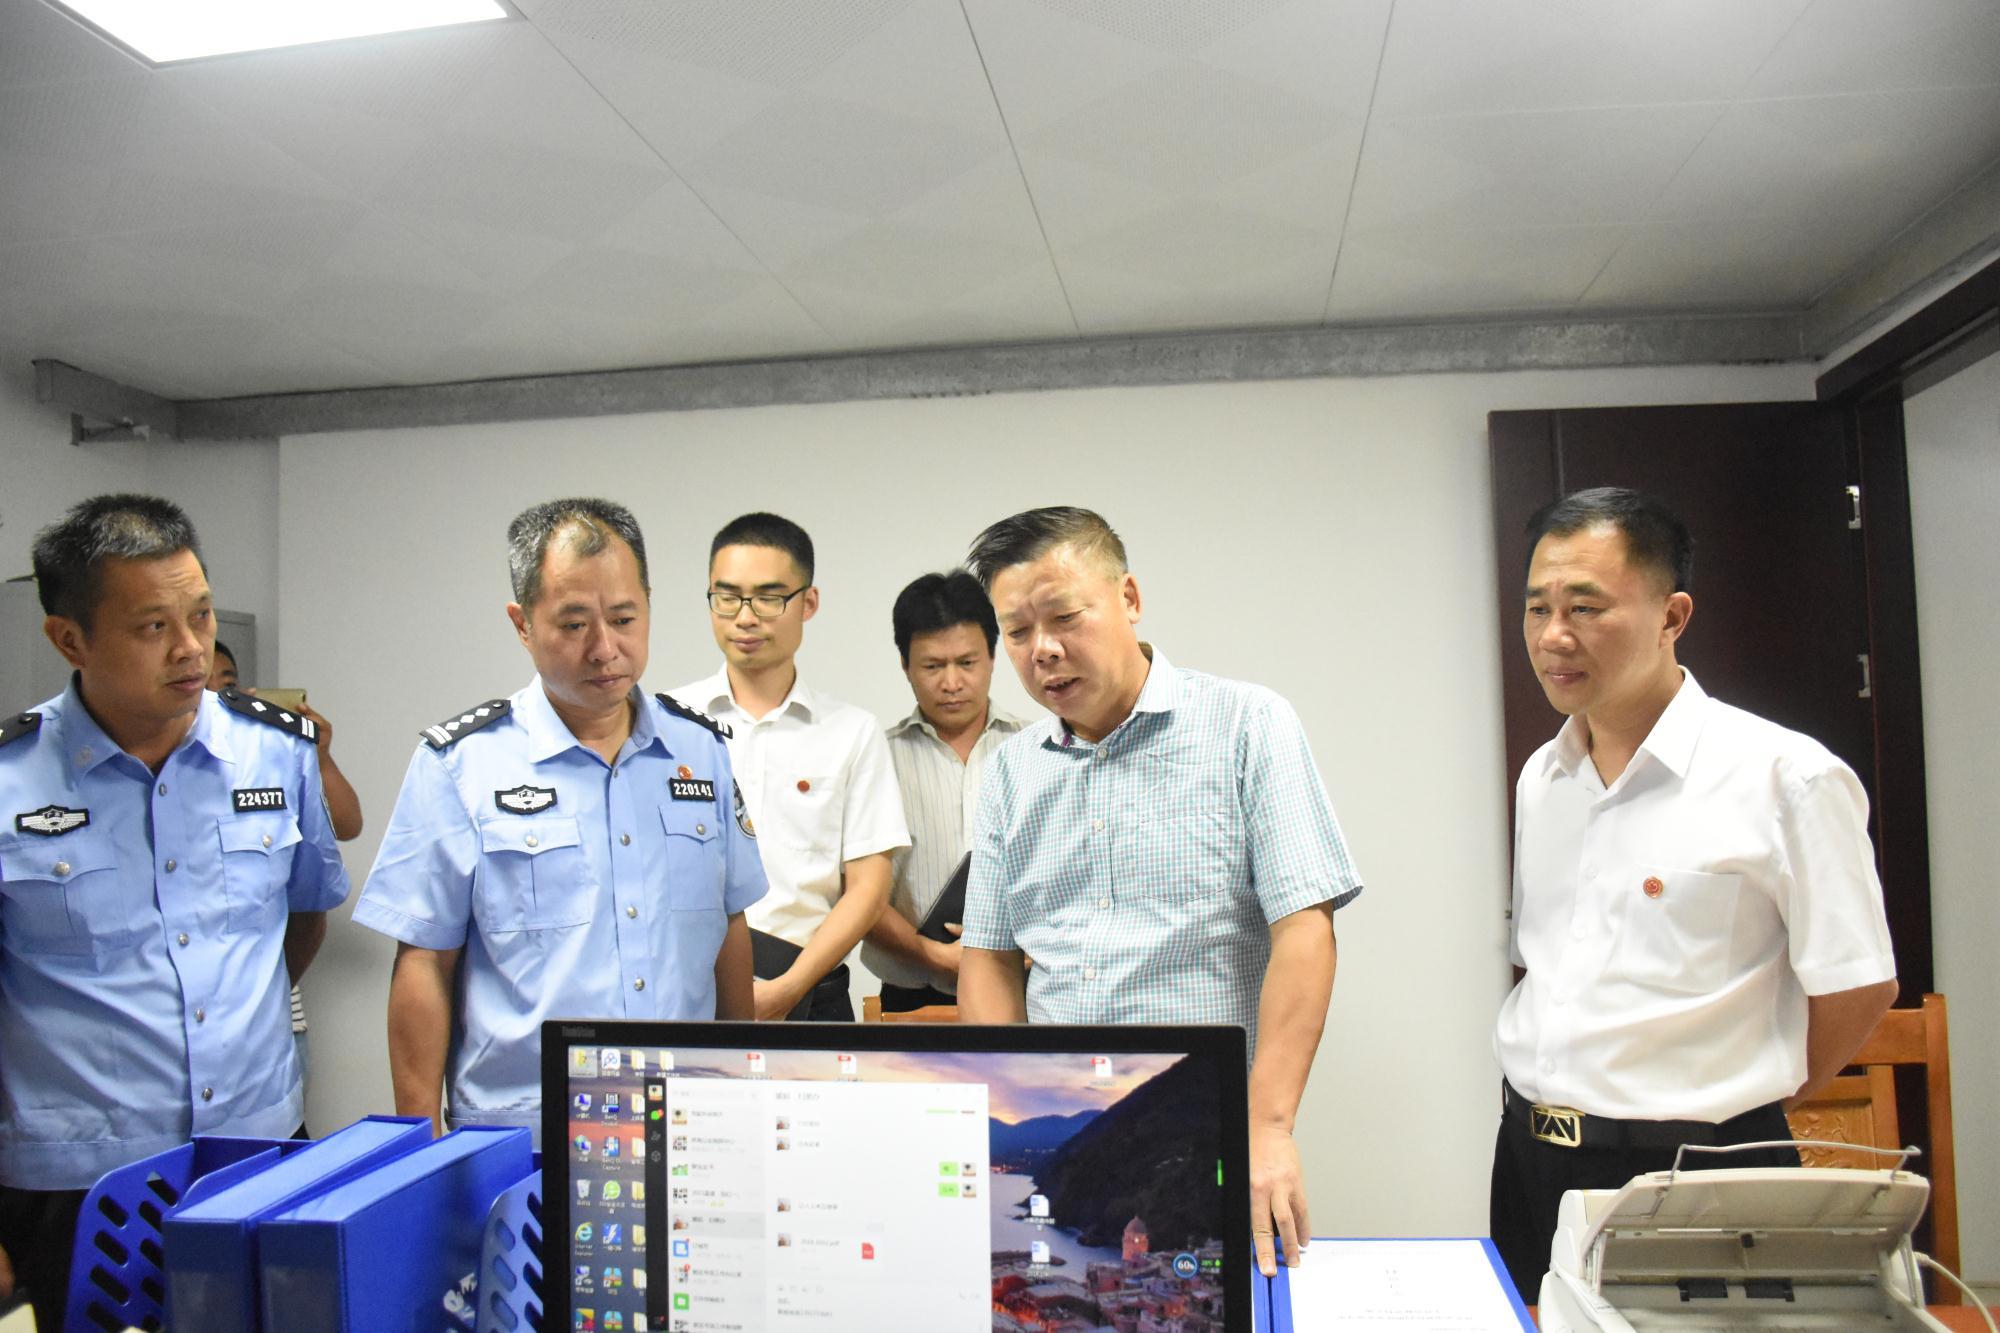 刘芳调研滨海新区扫黑除恶及公安工作时强调 将扫黑除恶工作摆在重中之重的位置